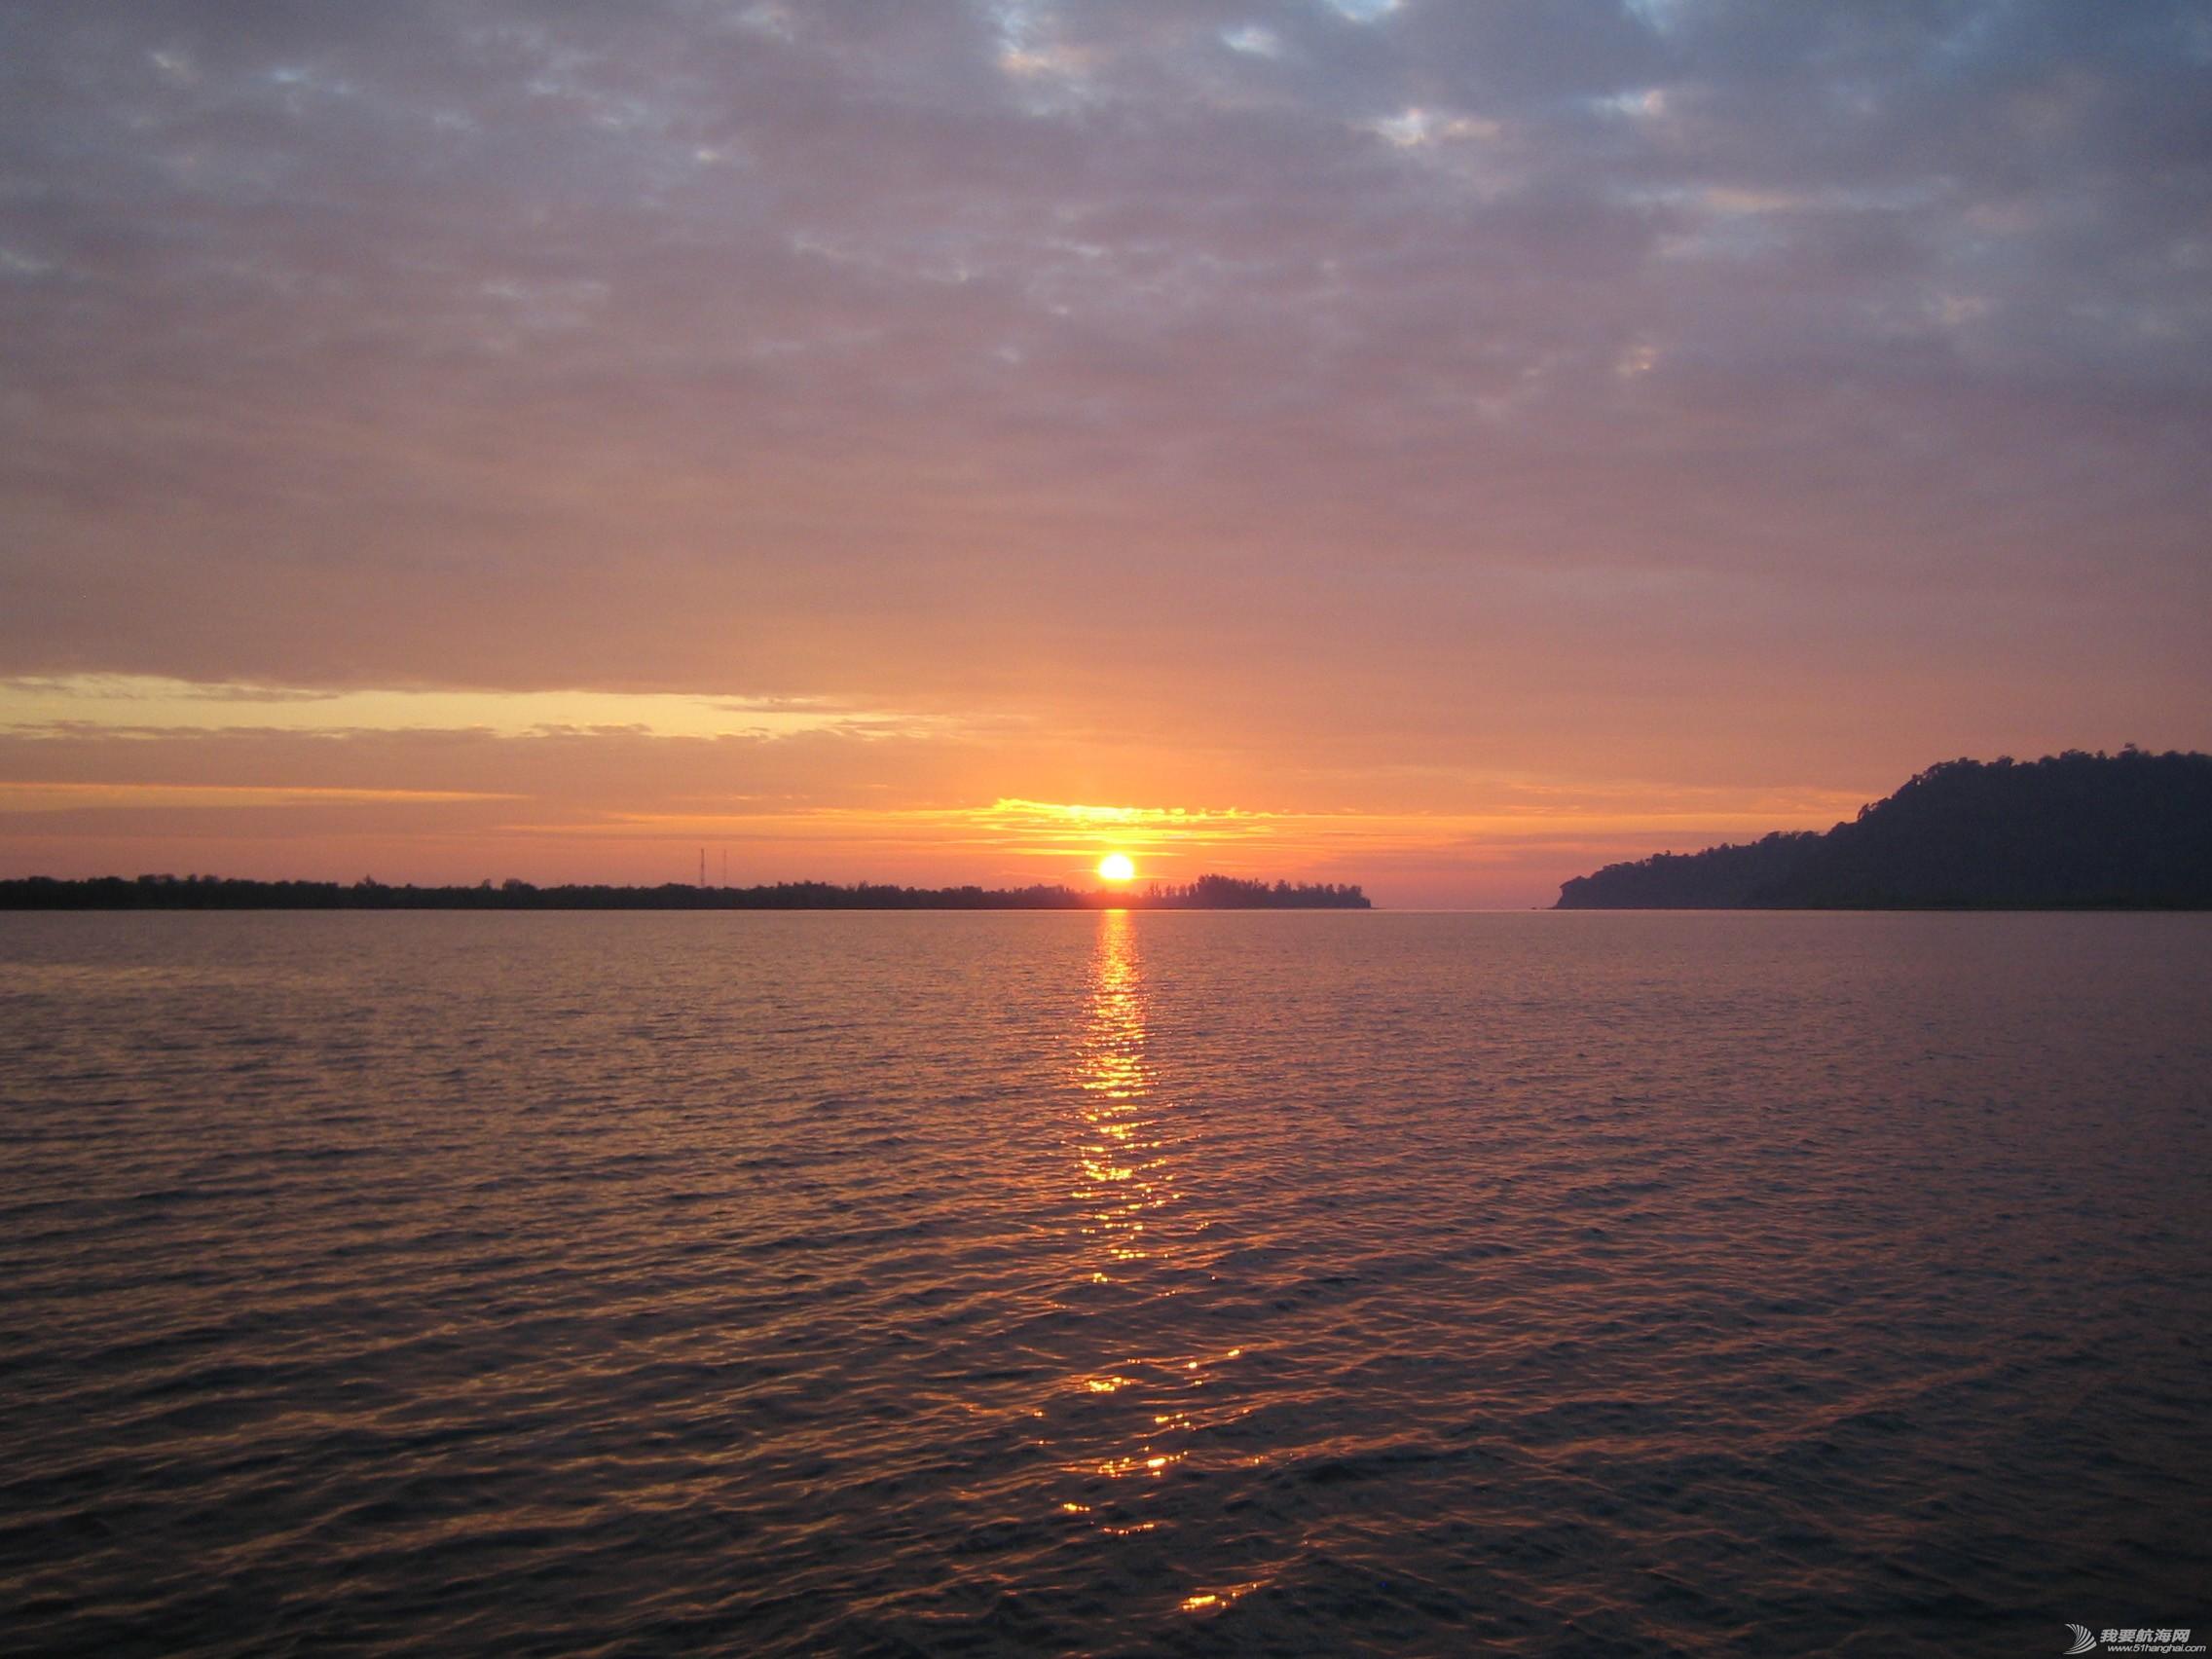 悠哉悠哉,塑料盆,橘黄色,泰国,米兰 航海在泰国西北海岸险些搁浅 IMG_0169.jpg